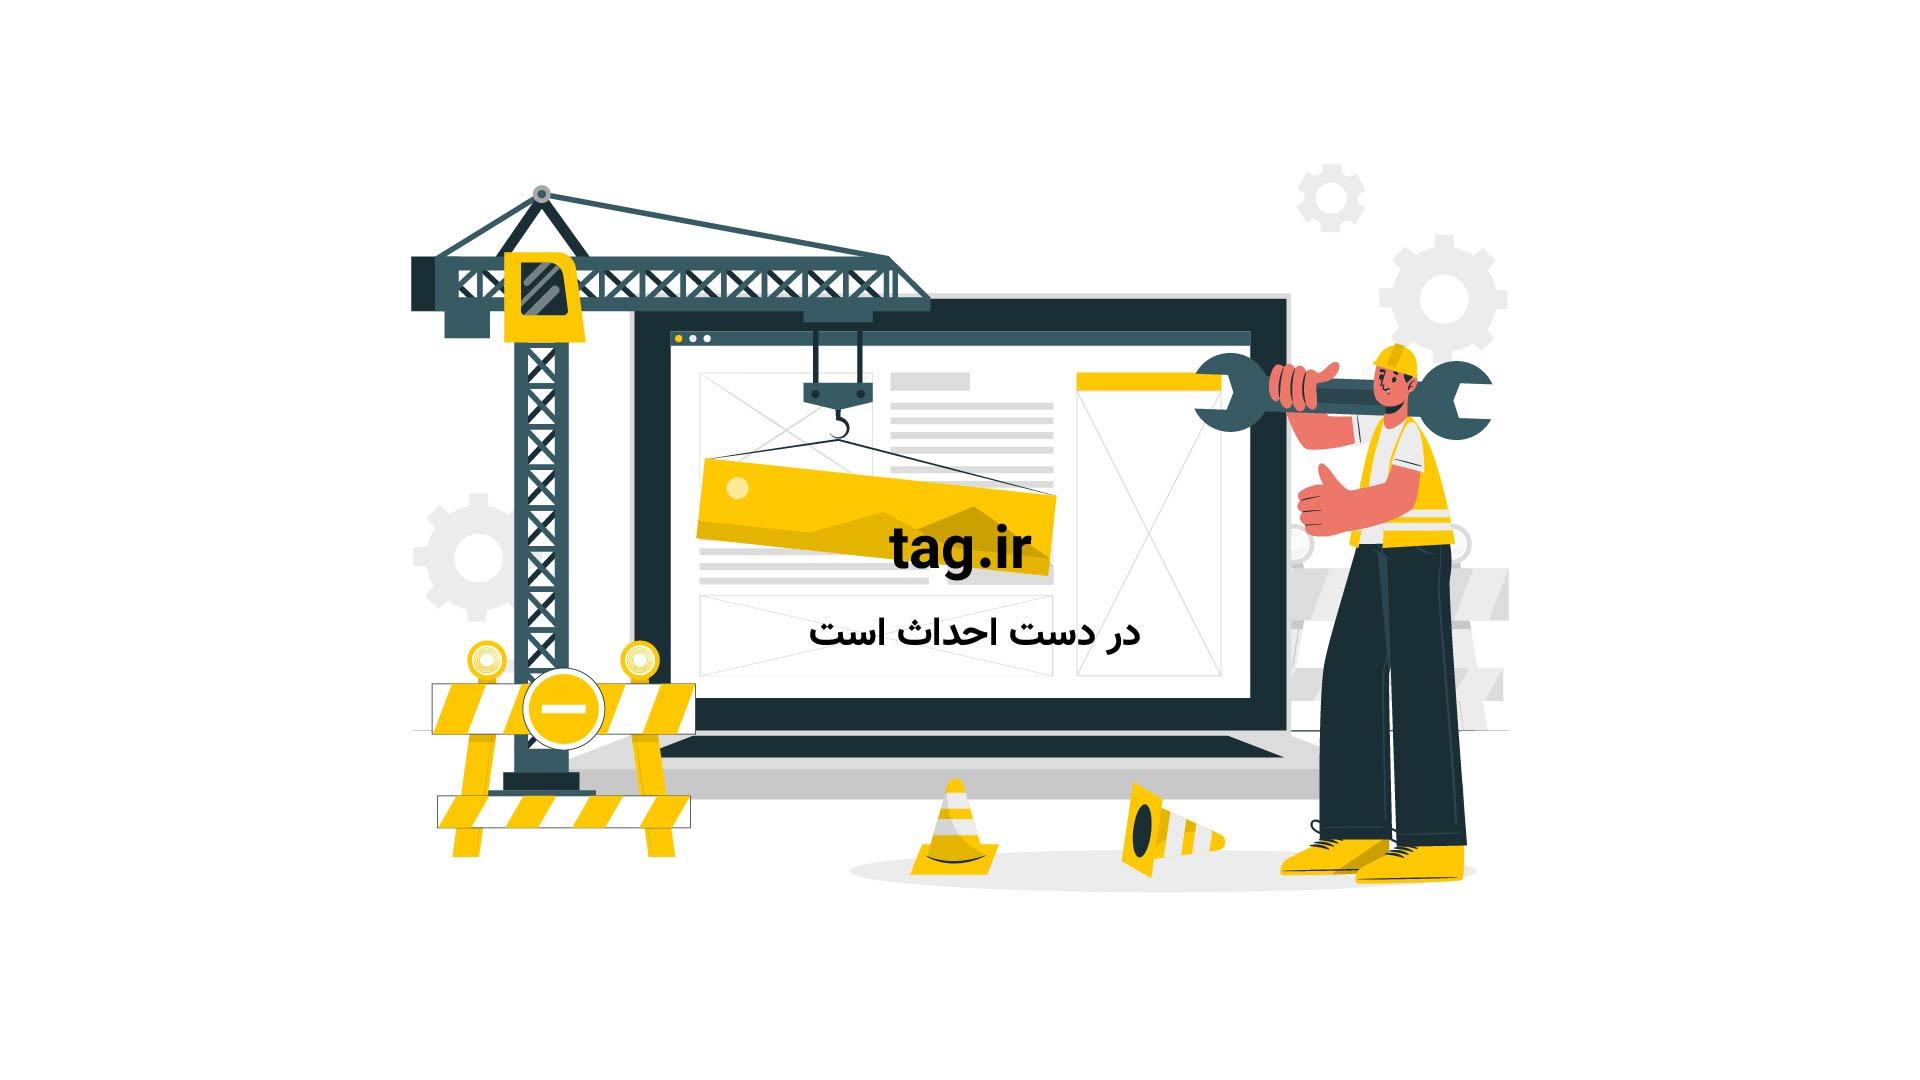 روستای کوهپایه ای مریان و ییلاقات سوباتان در استان گیلان | فیلم